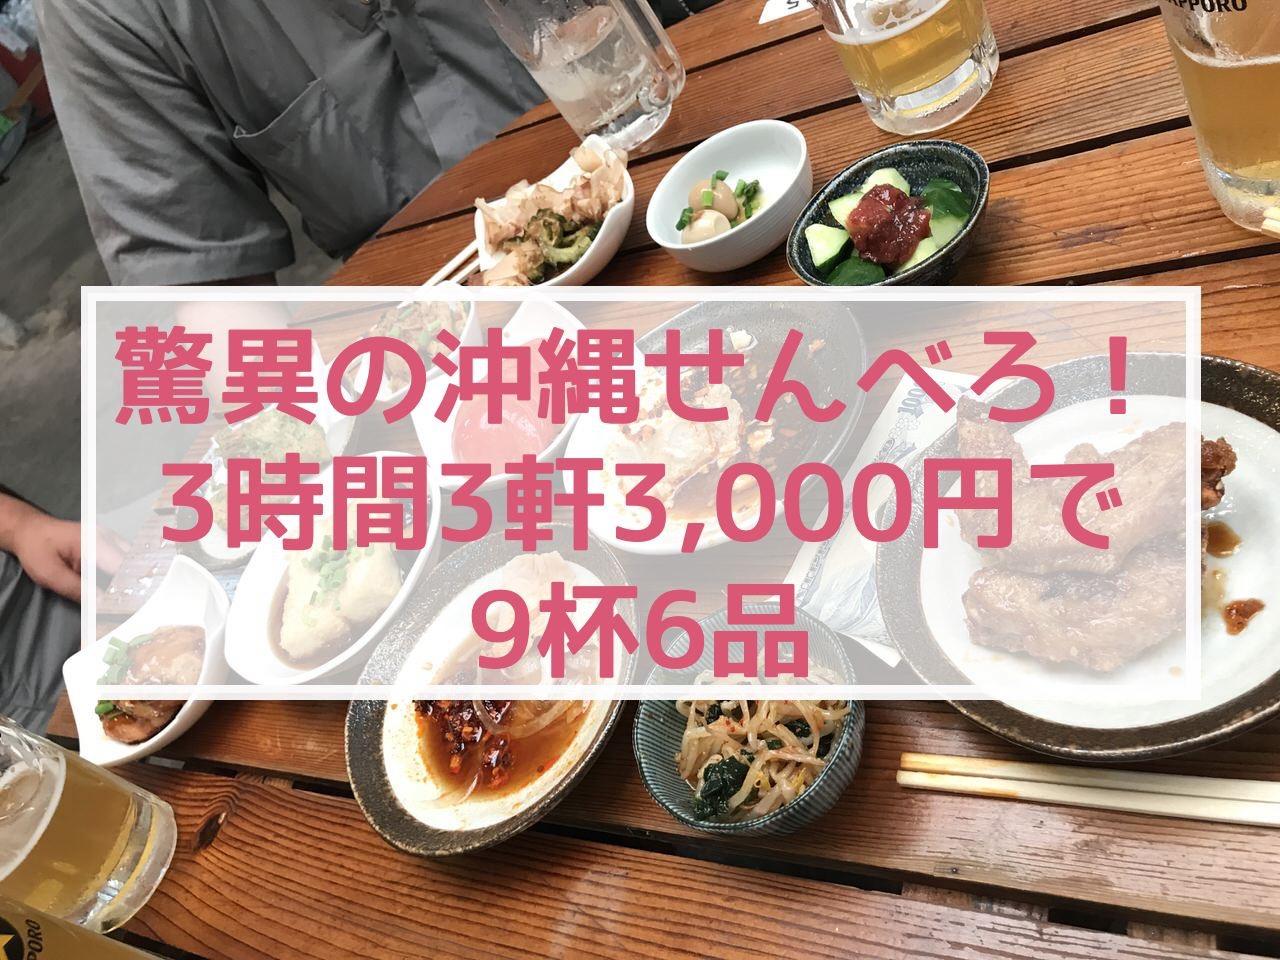 驚異の沖縄せんべろ!3時間3軒3,000円で9杯6品